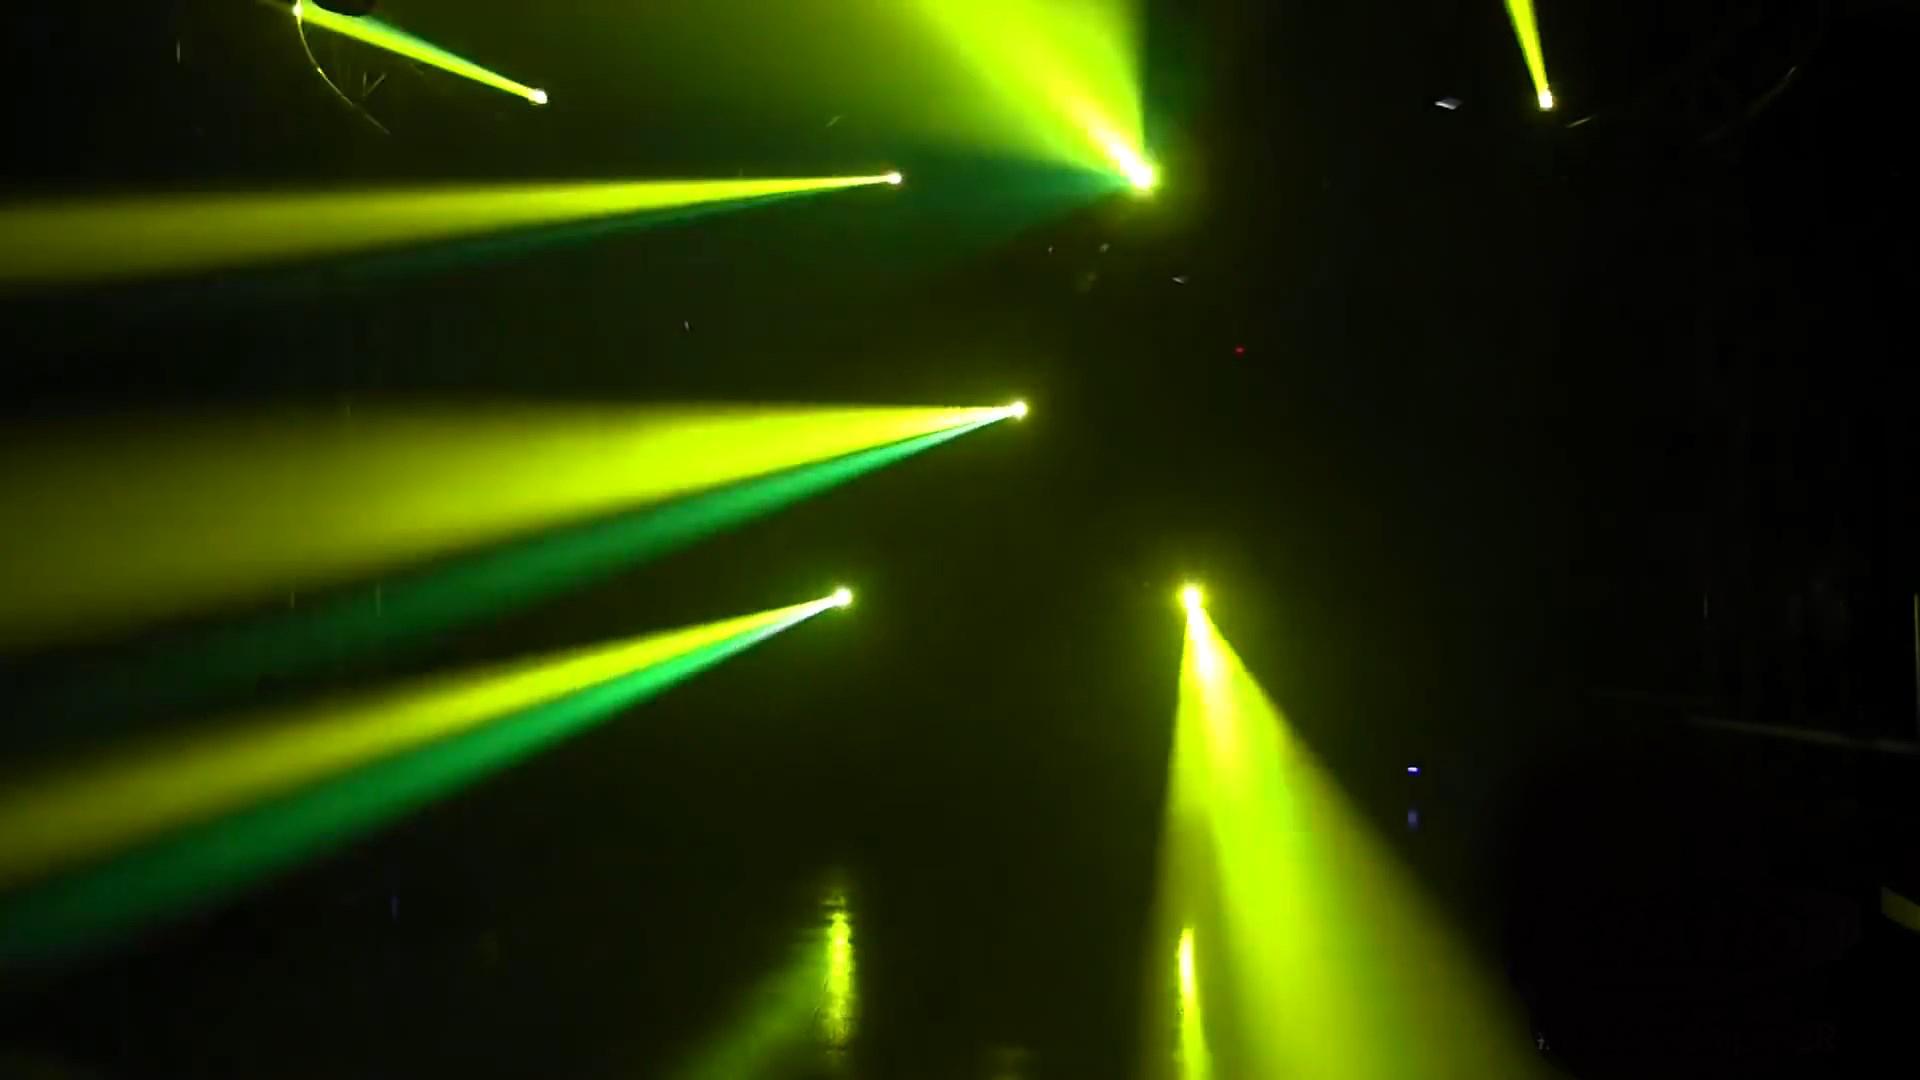 Hiệu ứng chùm tia màu kép của đèn 4 trong 1 xạ thủ Sniper